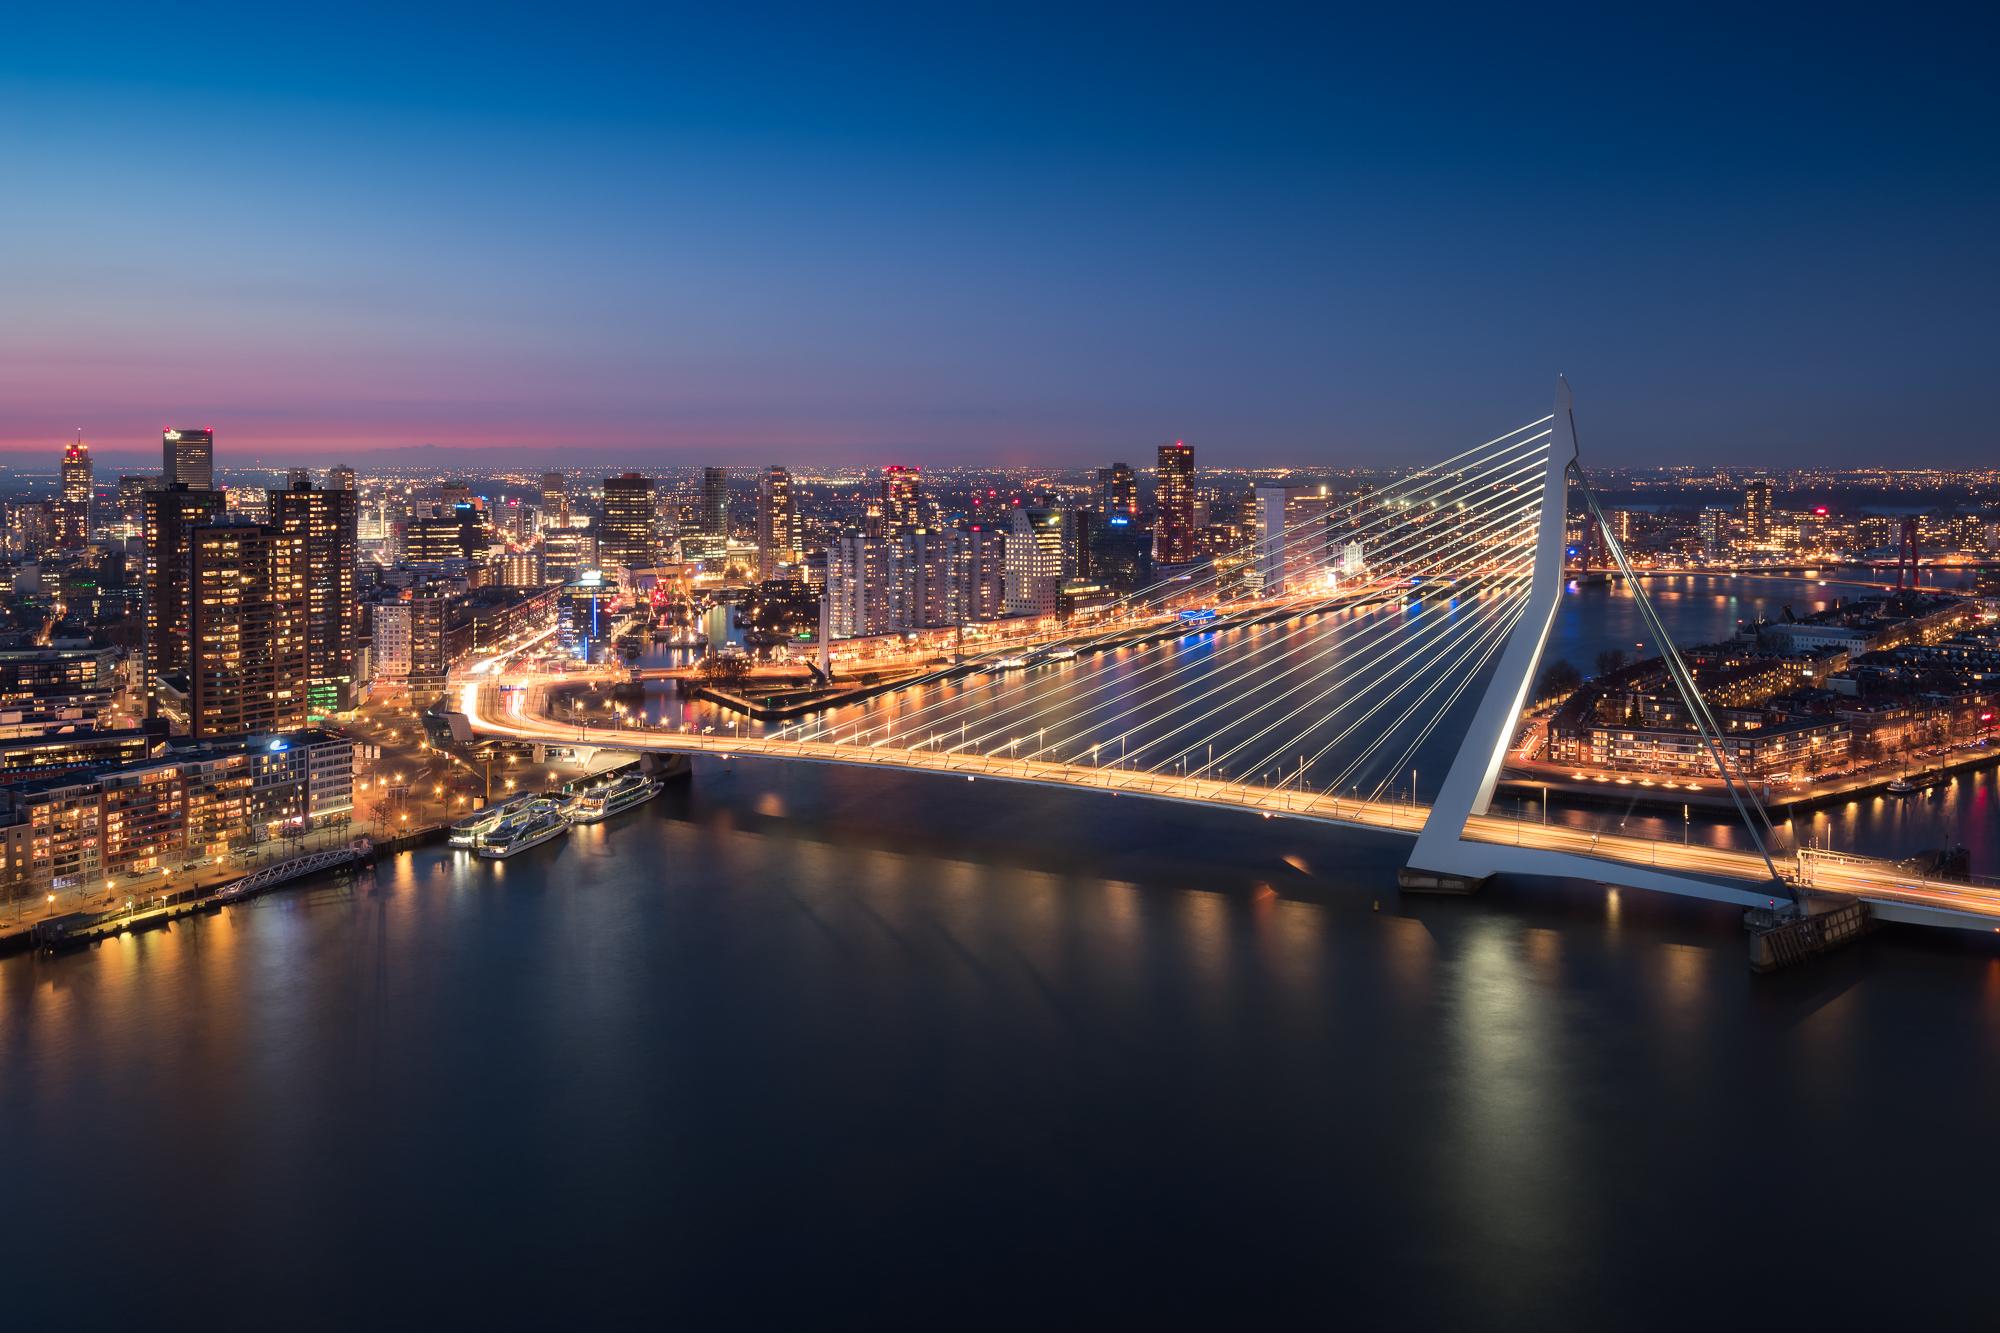 Metropolis_Rotterdam_Erasmusbrug_Skyline.jpg